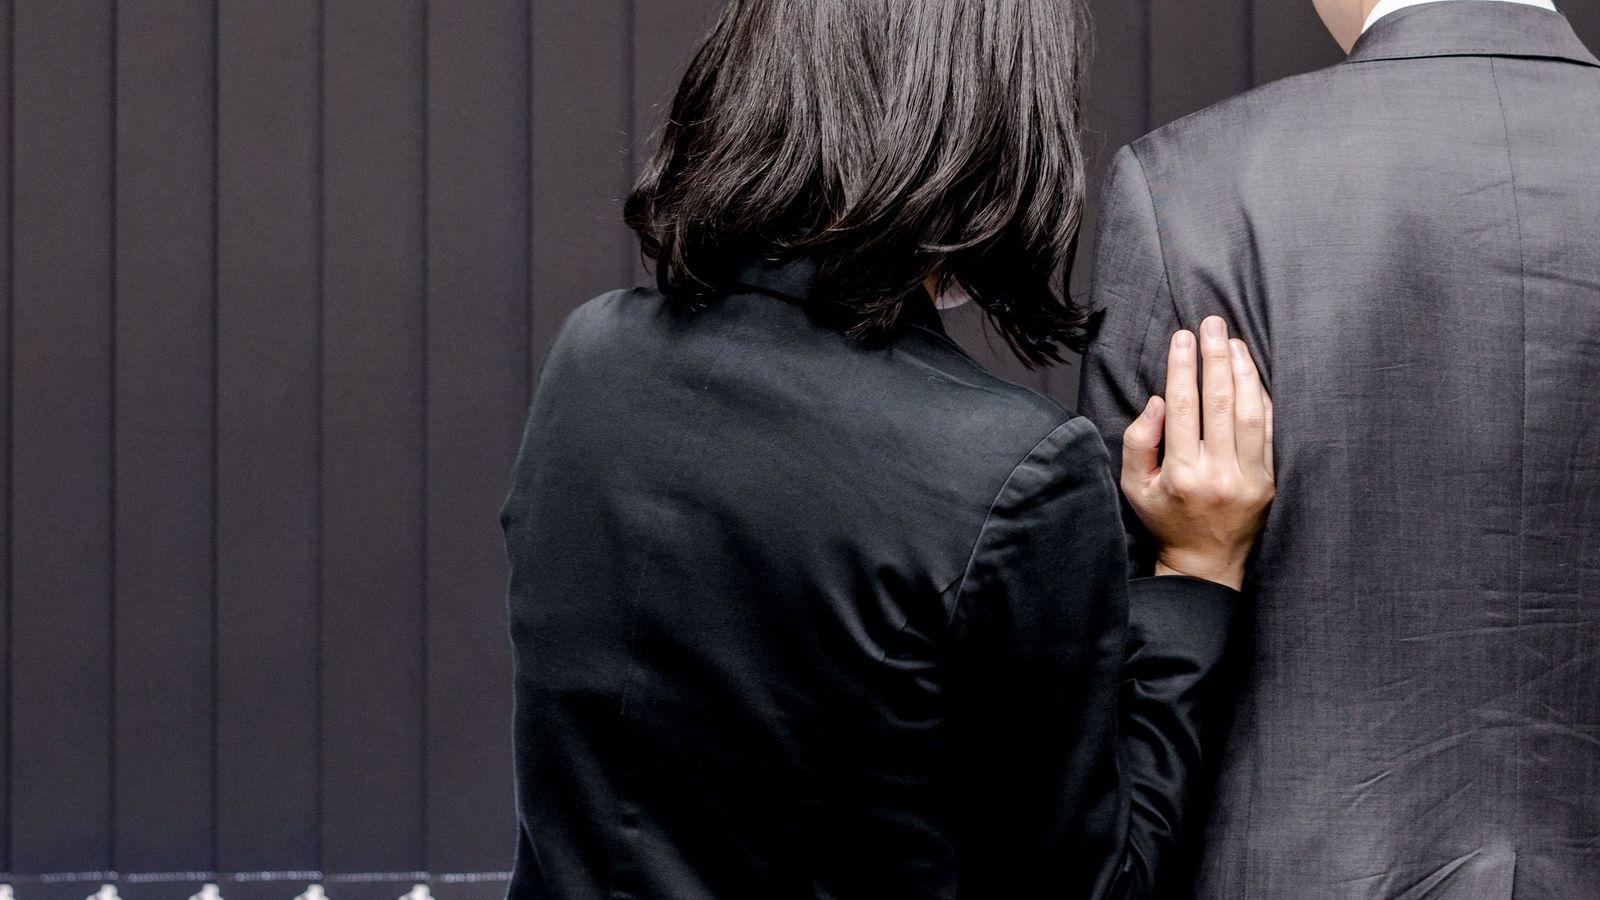 日本で普通の「社内恋愛」が世界の非常識なワケ アメリカなら社長であっても即解雇